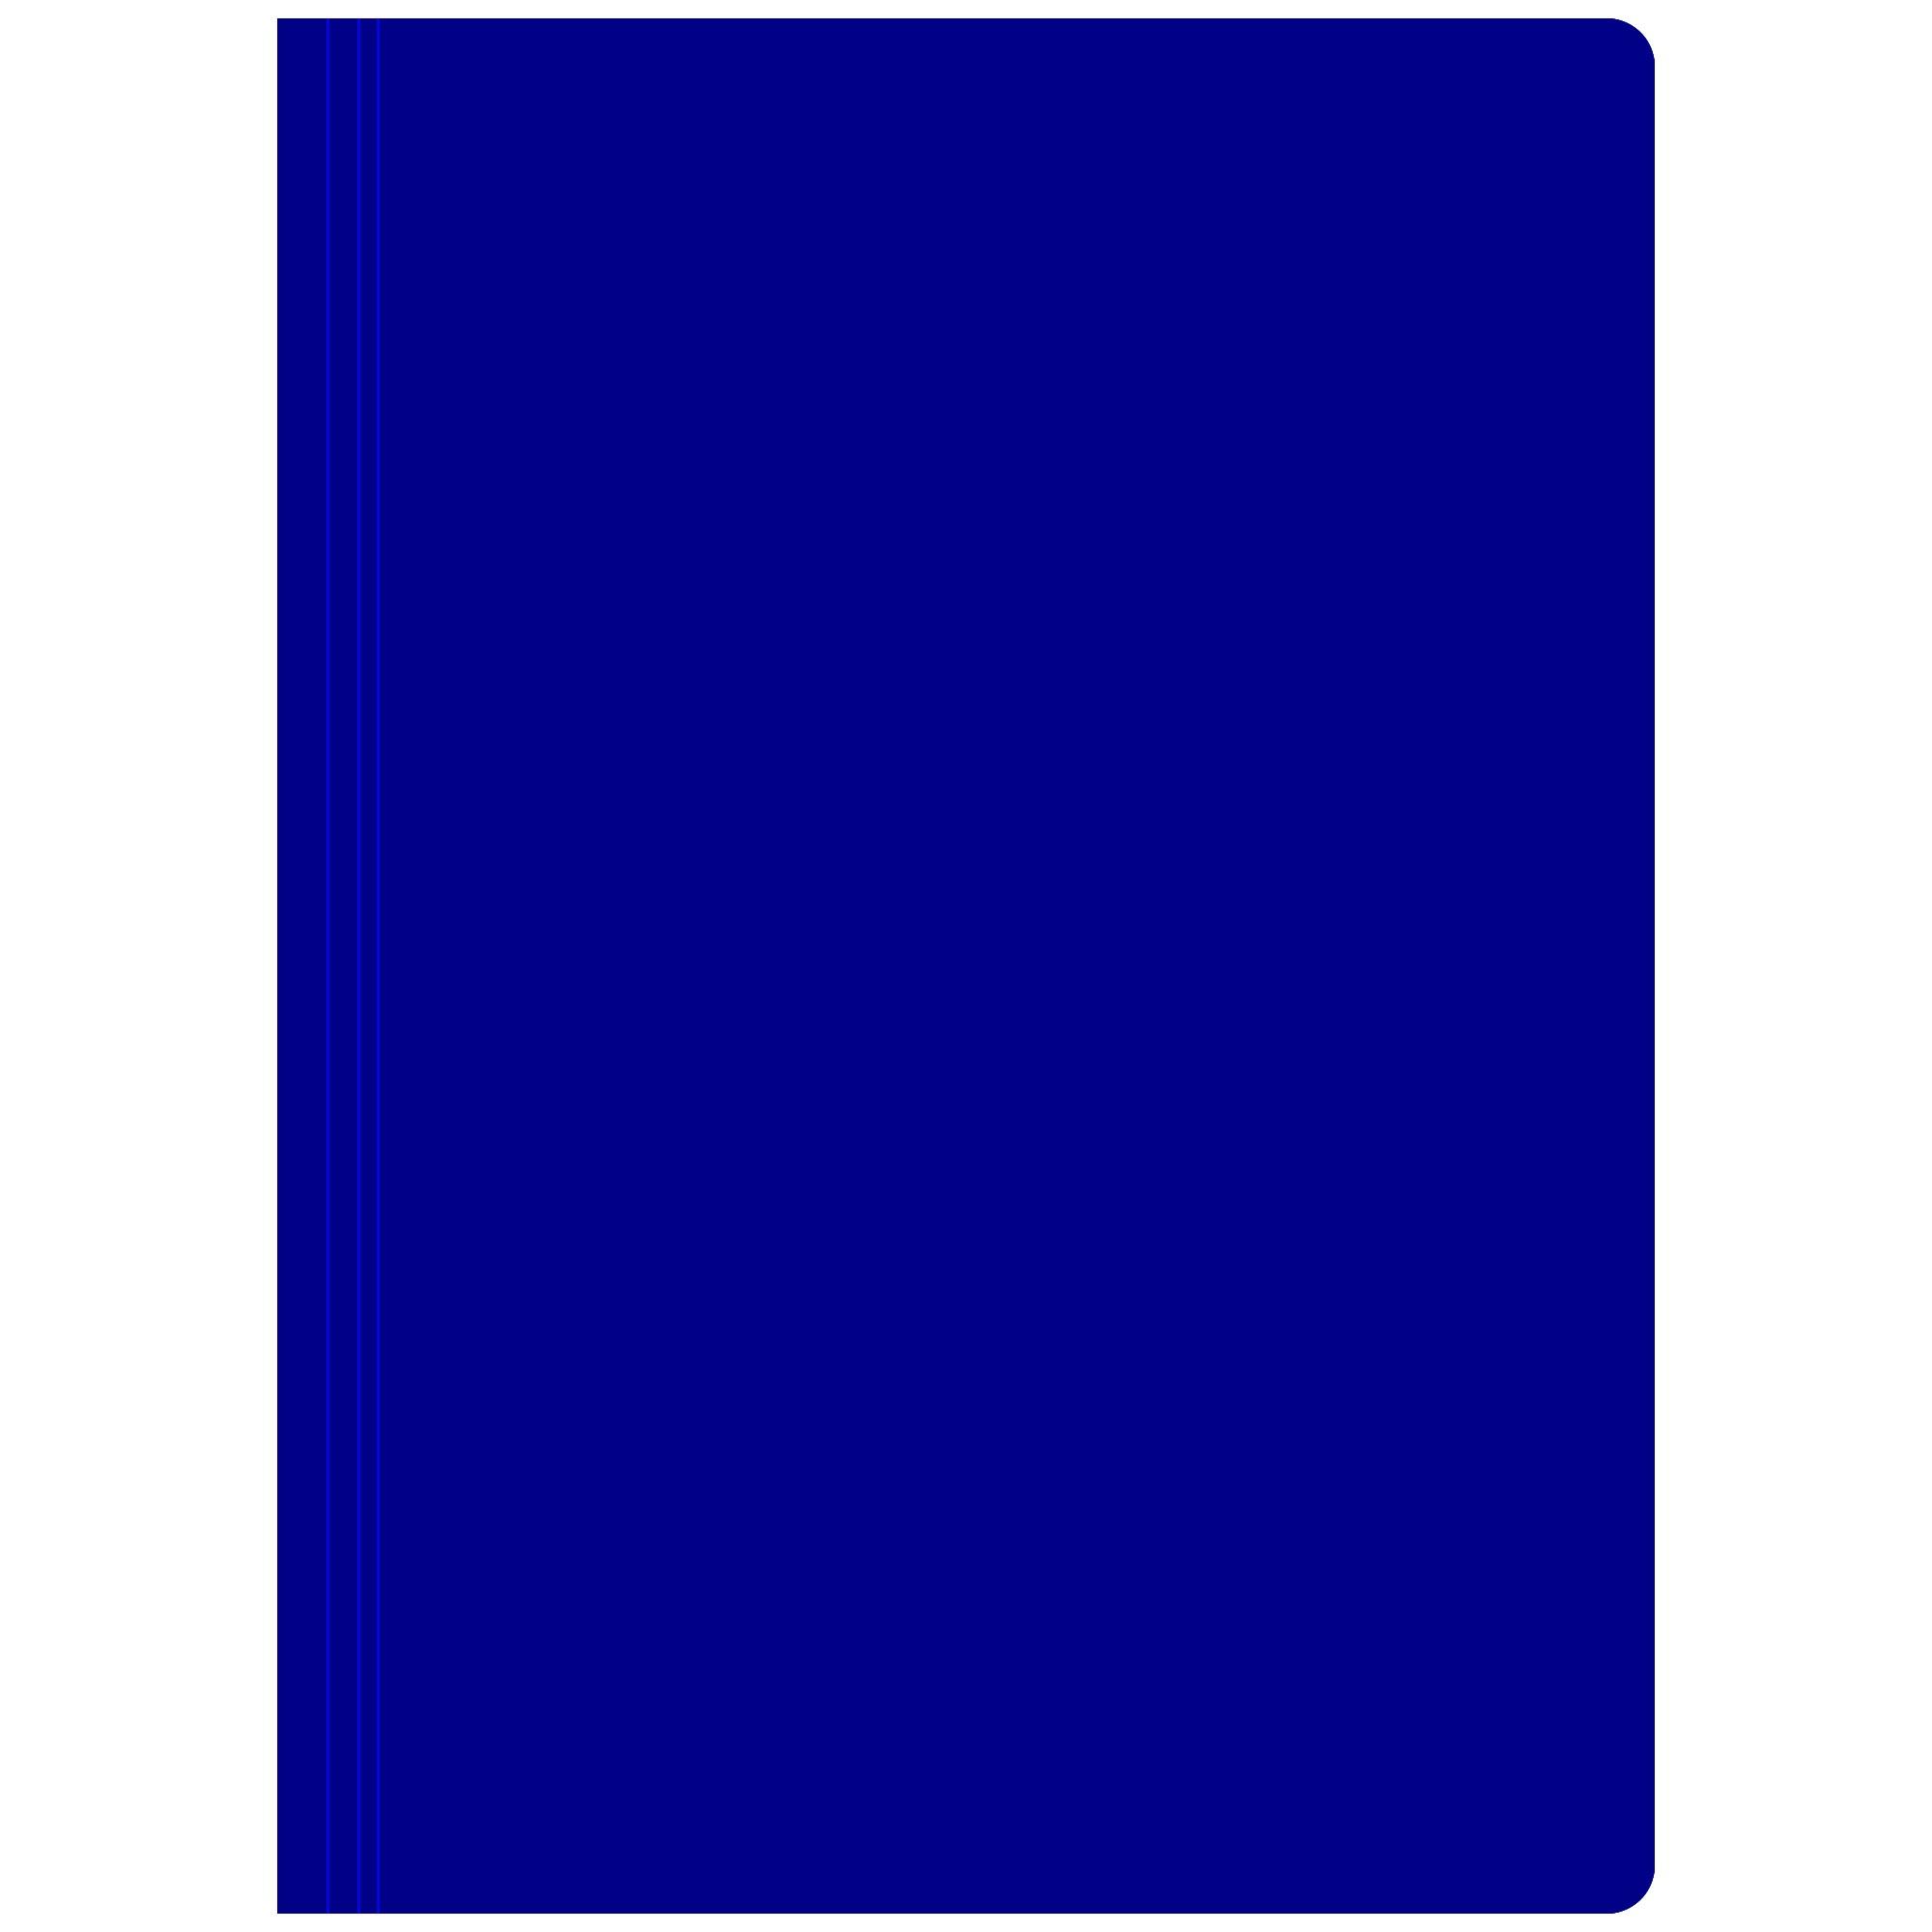 Pasta Dobrada em Cartao com Grampo Cor Azul - Dello